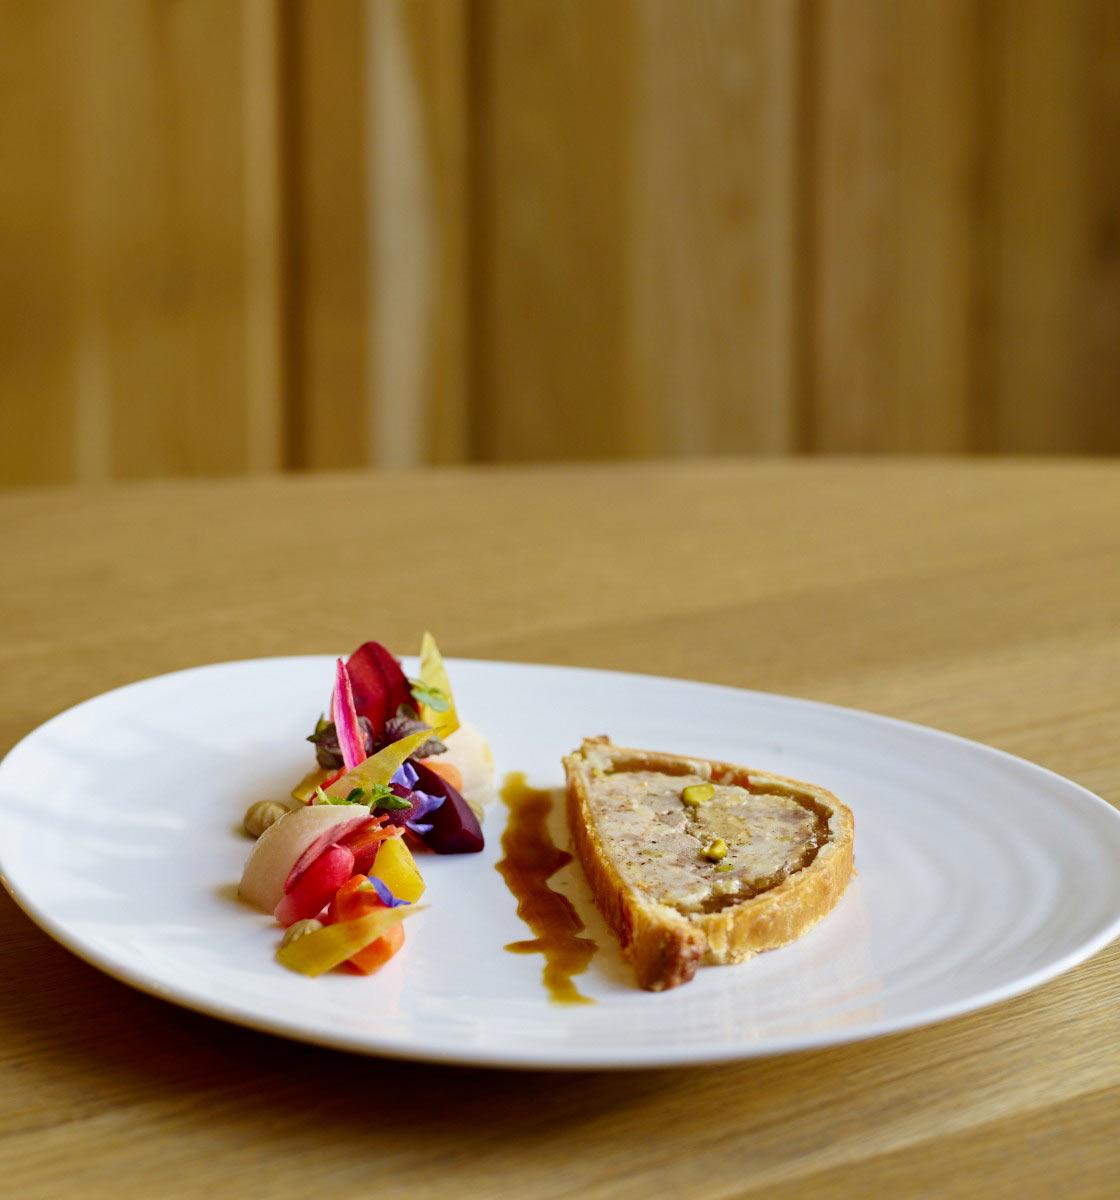 Pâté en croûte de tradition au canard et foie gras Pâté en croûte de tradition au canard et foie gras